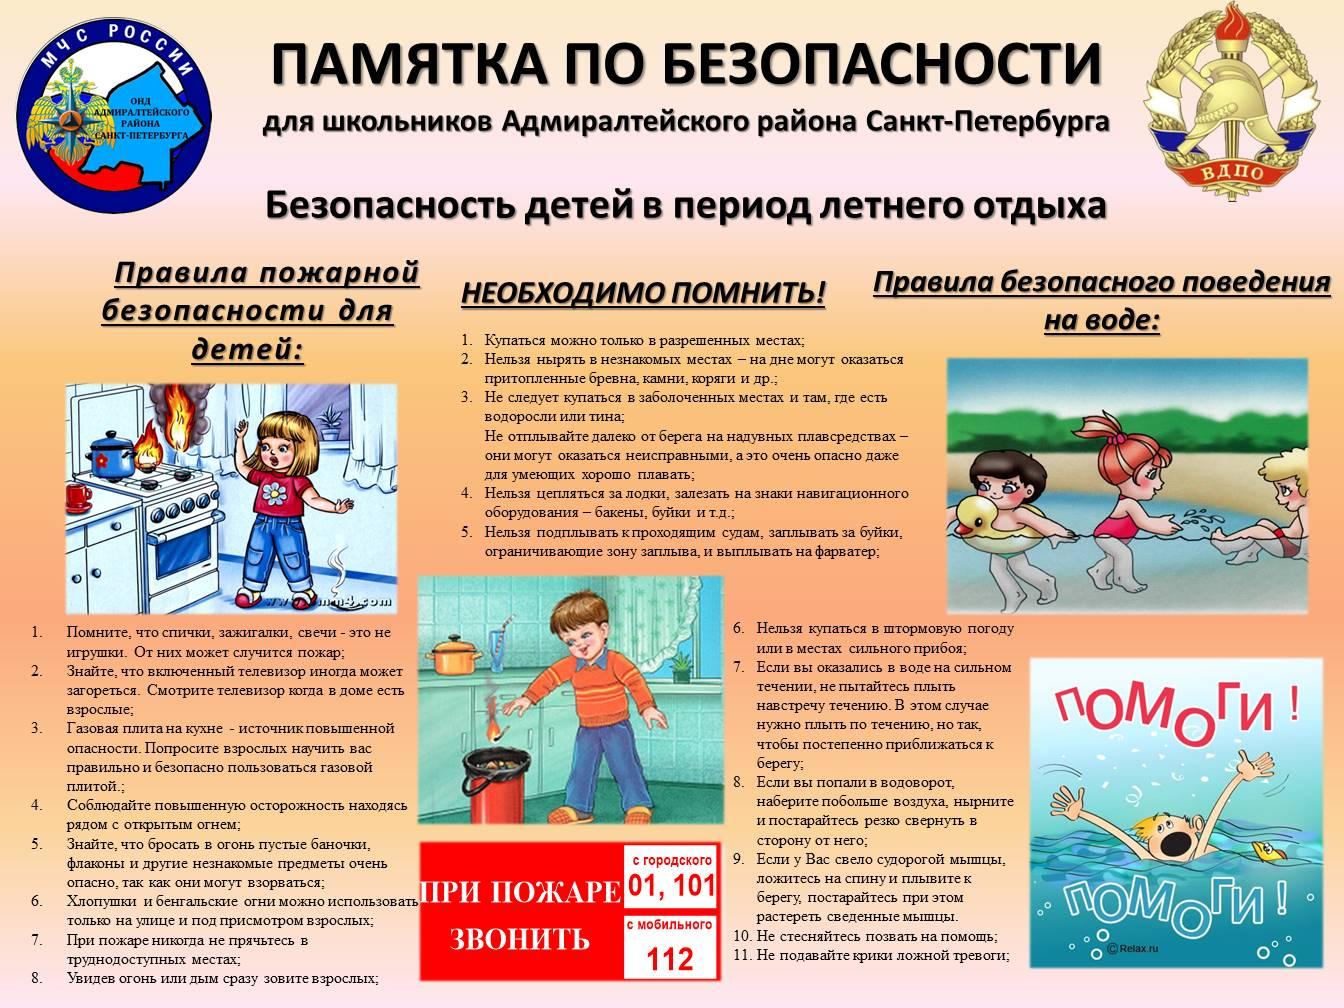 a37a0641a3f1 Родителям - Средняя общеобразовательная школа 232